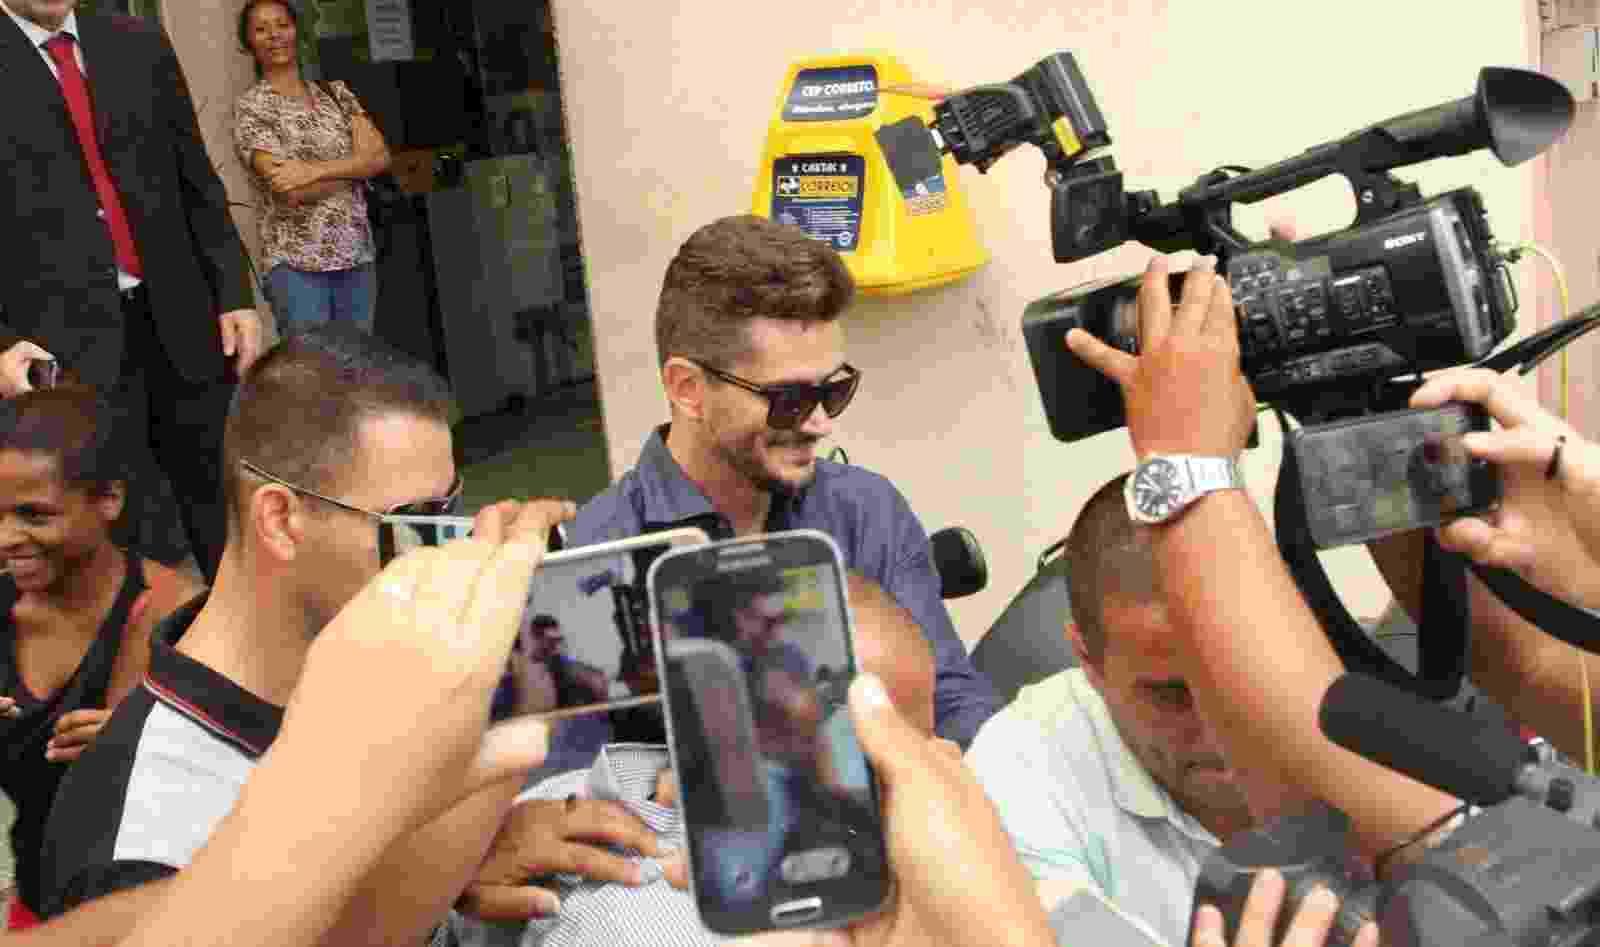 Sorrindo ao ouvir o apoio de fãs, Marcos Harter deixa a delegacia da mulher de Jacarepaguá, no Rio de Janeiro - Brazil News